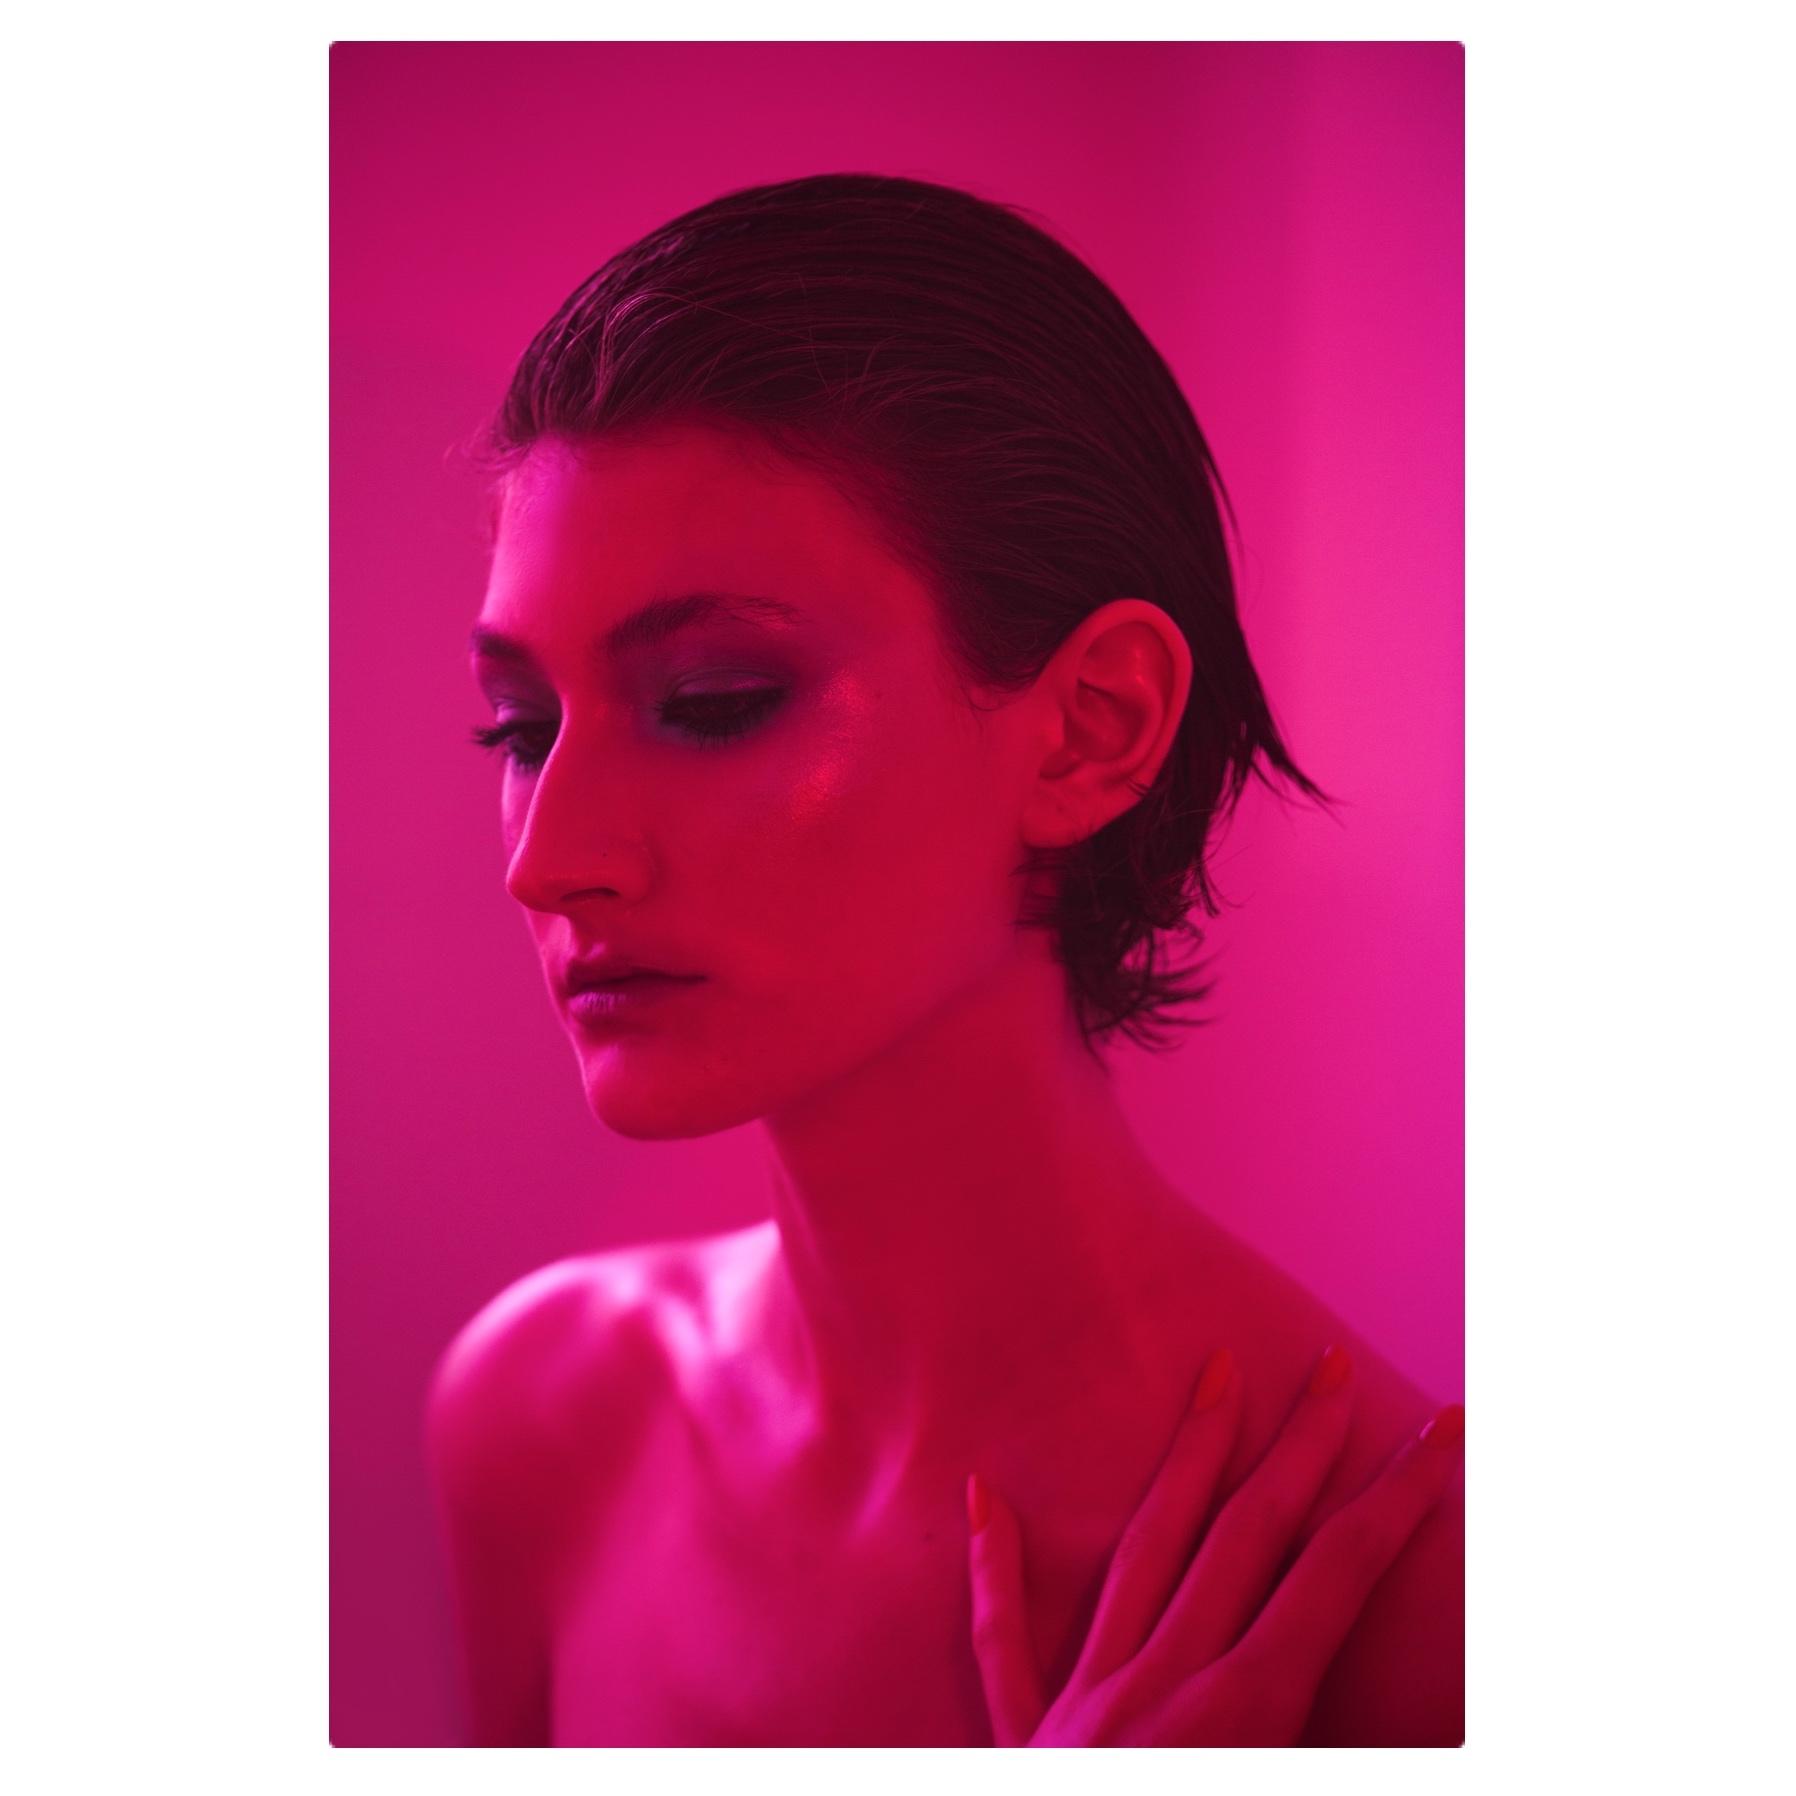 The Shines mucio ricardo,andre mattos,giovana tamplin, joy model,amuse beauty artists2